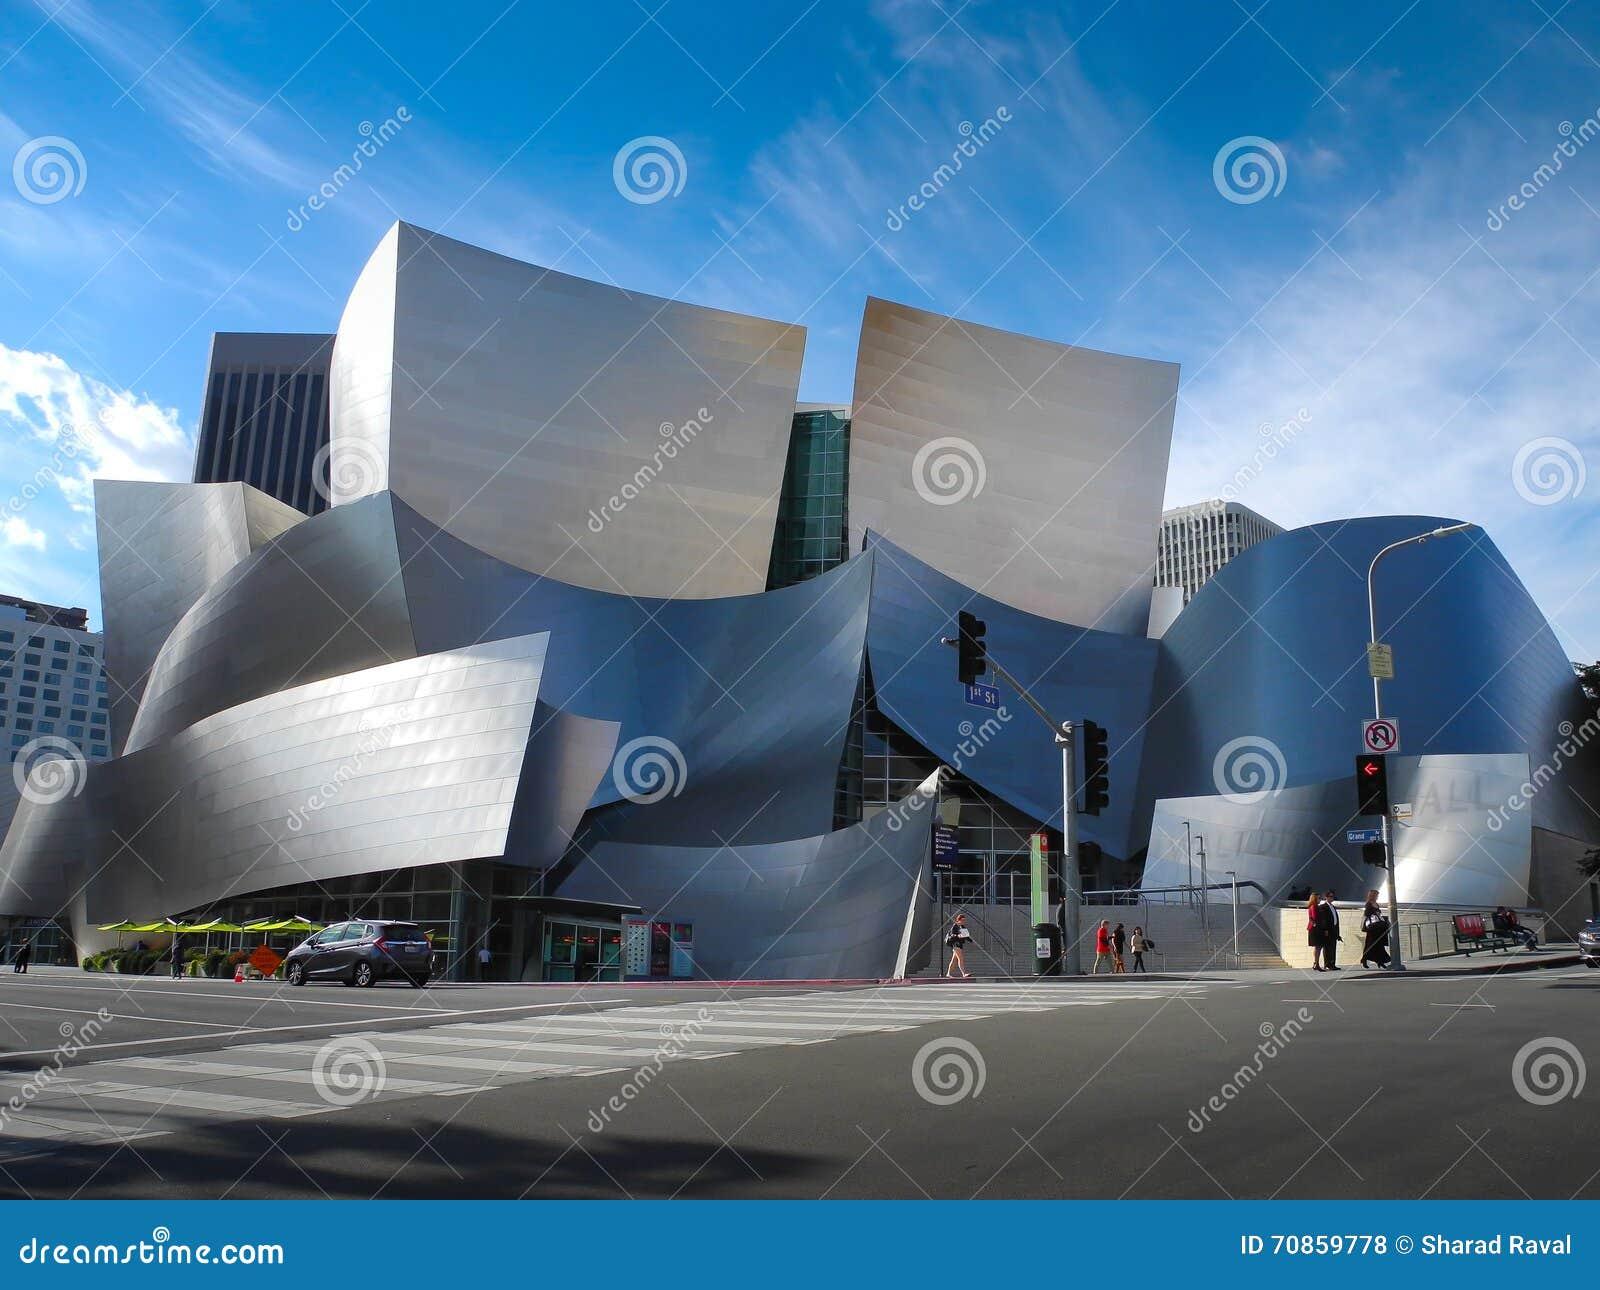 Walt Disney Concert Hall a Los Angeles, CA, U.S.A.